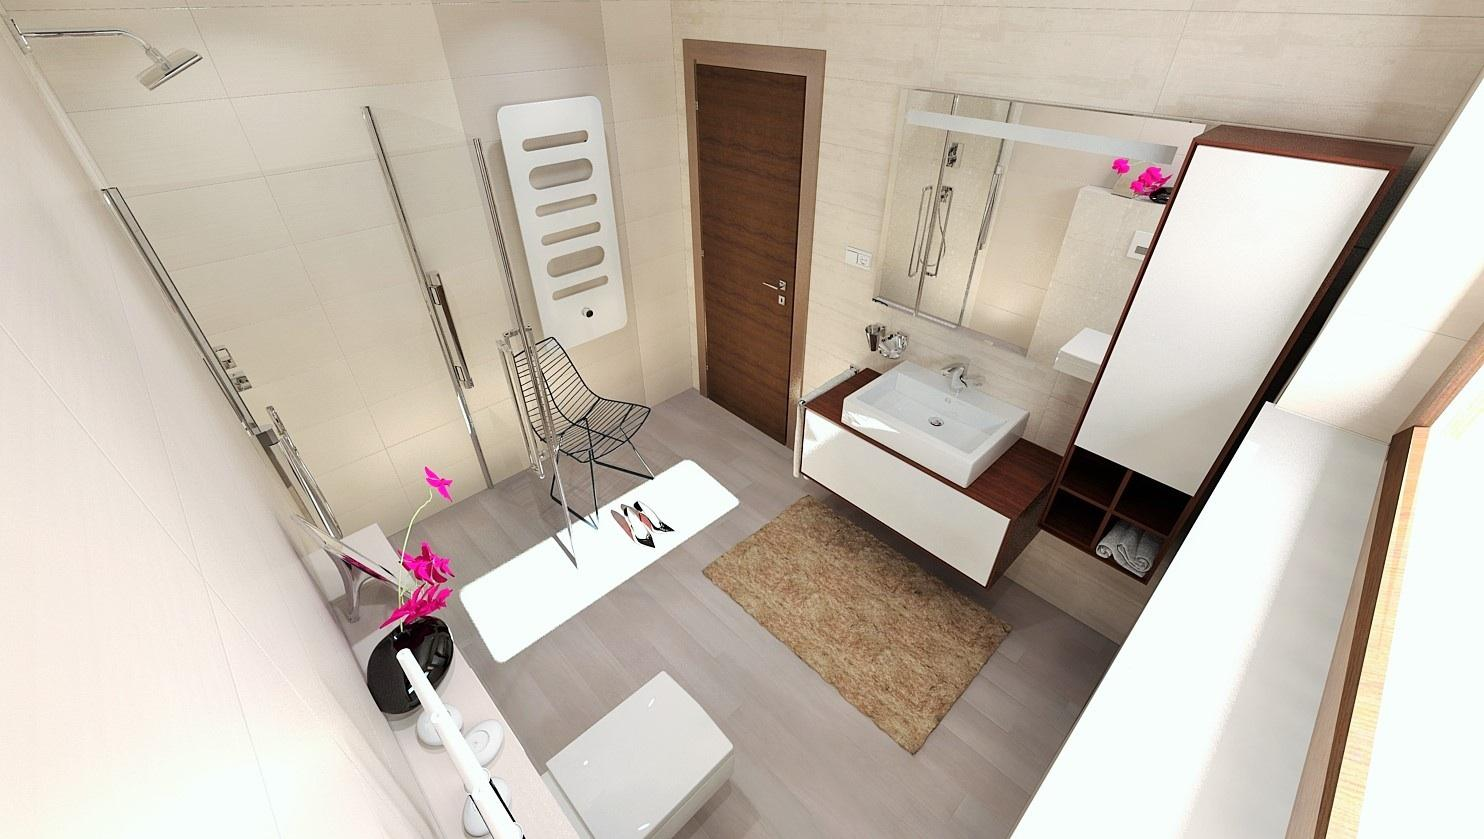 Vizualizácie kúpeľne - Vizualizácia kúpeľne 25x75 - www.modernekupelne.sk